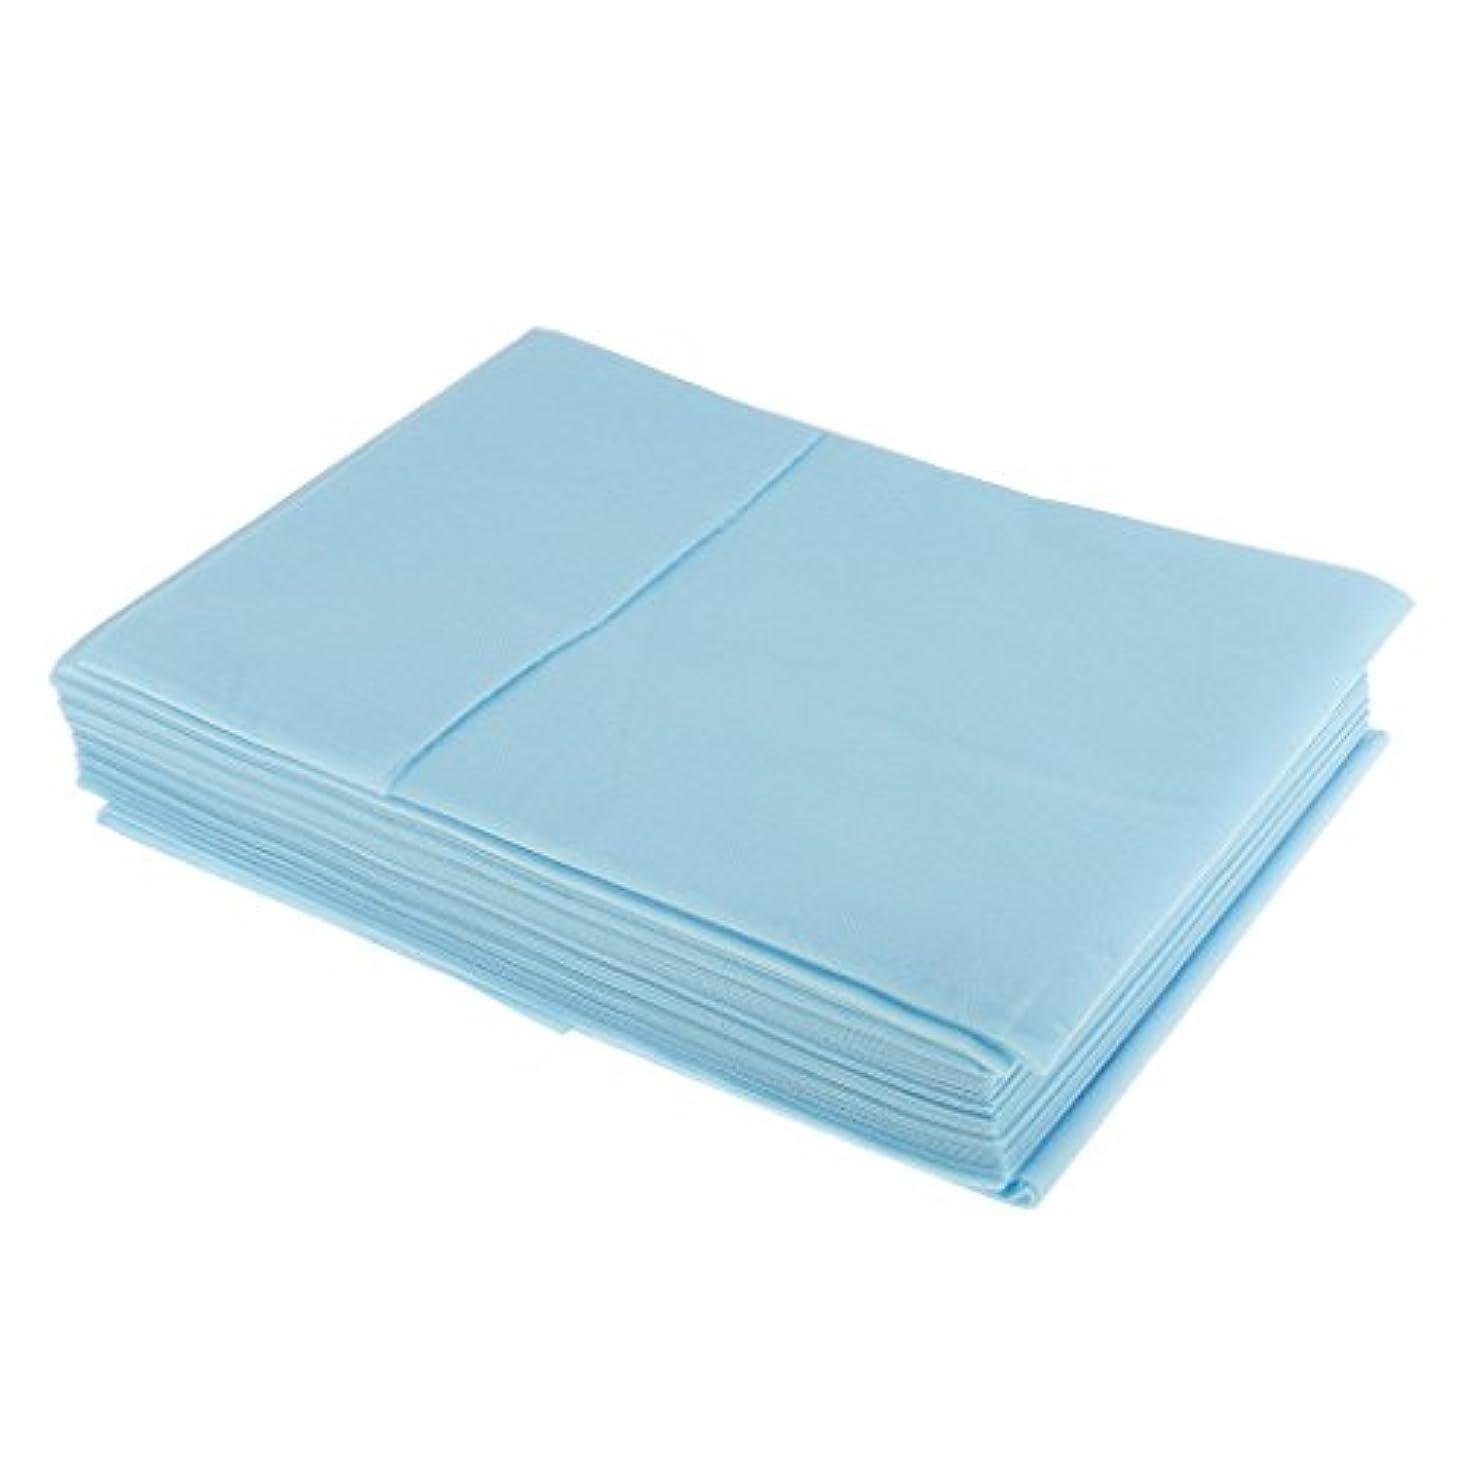 泥操る流行使い捨て 美容室/マッサージ/サロン/ホテル ベッドパッド 無織PP 衛生シート 10枚 全3色選べ - 青